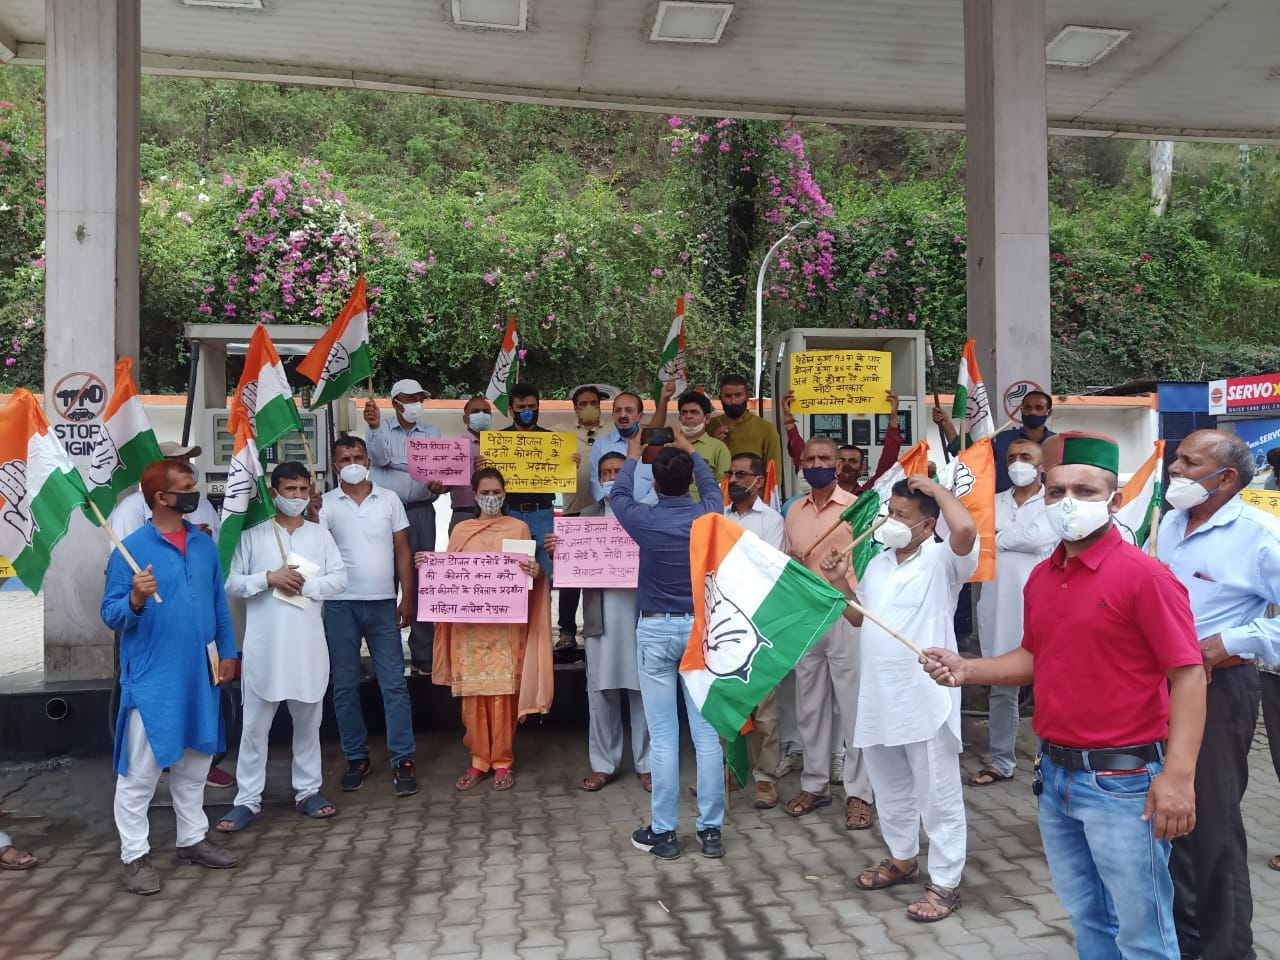 कीमतें कम न होने के लिए कांग्रेस ने केंद्र सरकार को कोसा